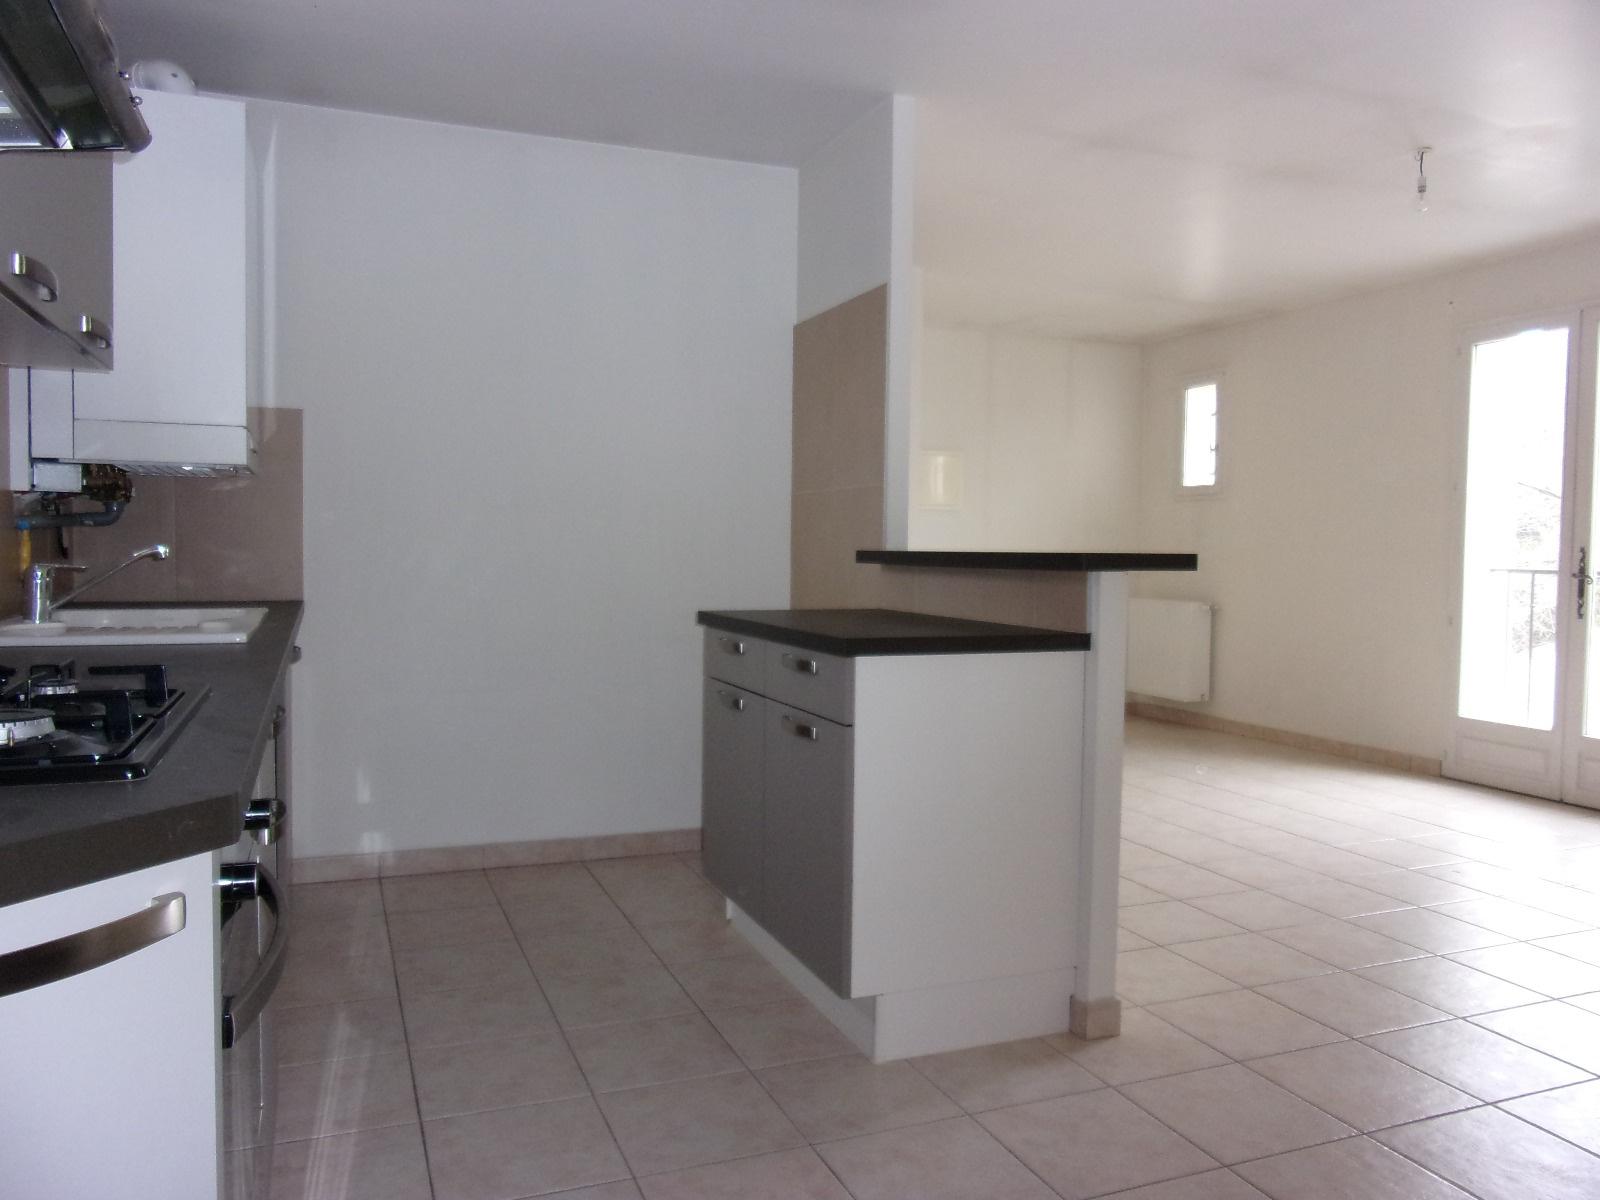 Offres de vente Appartement St remy de provence 13210